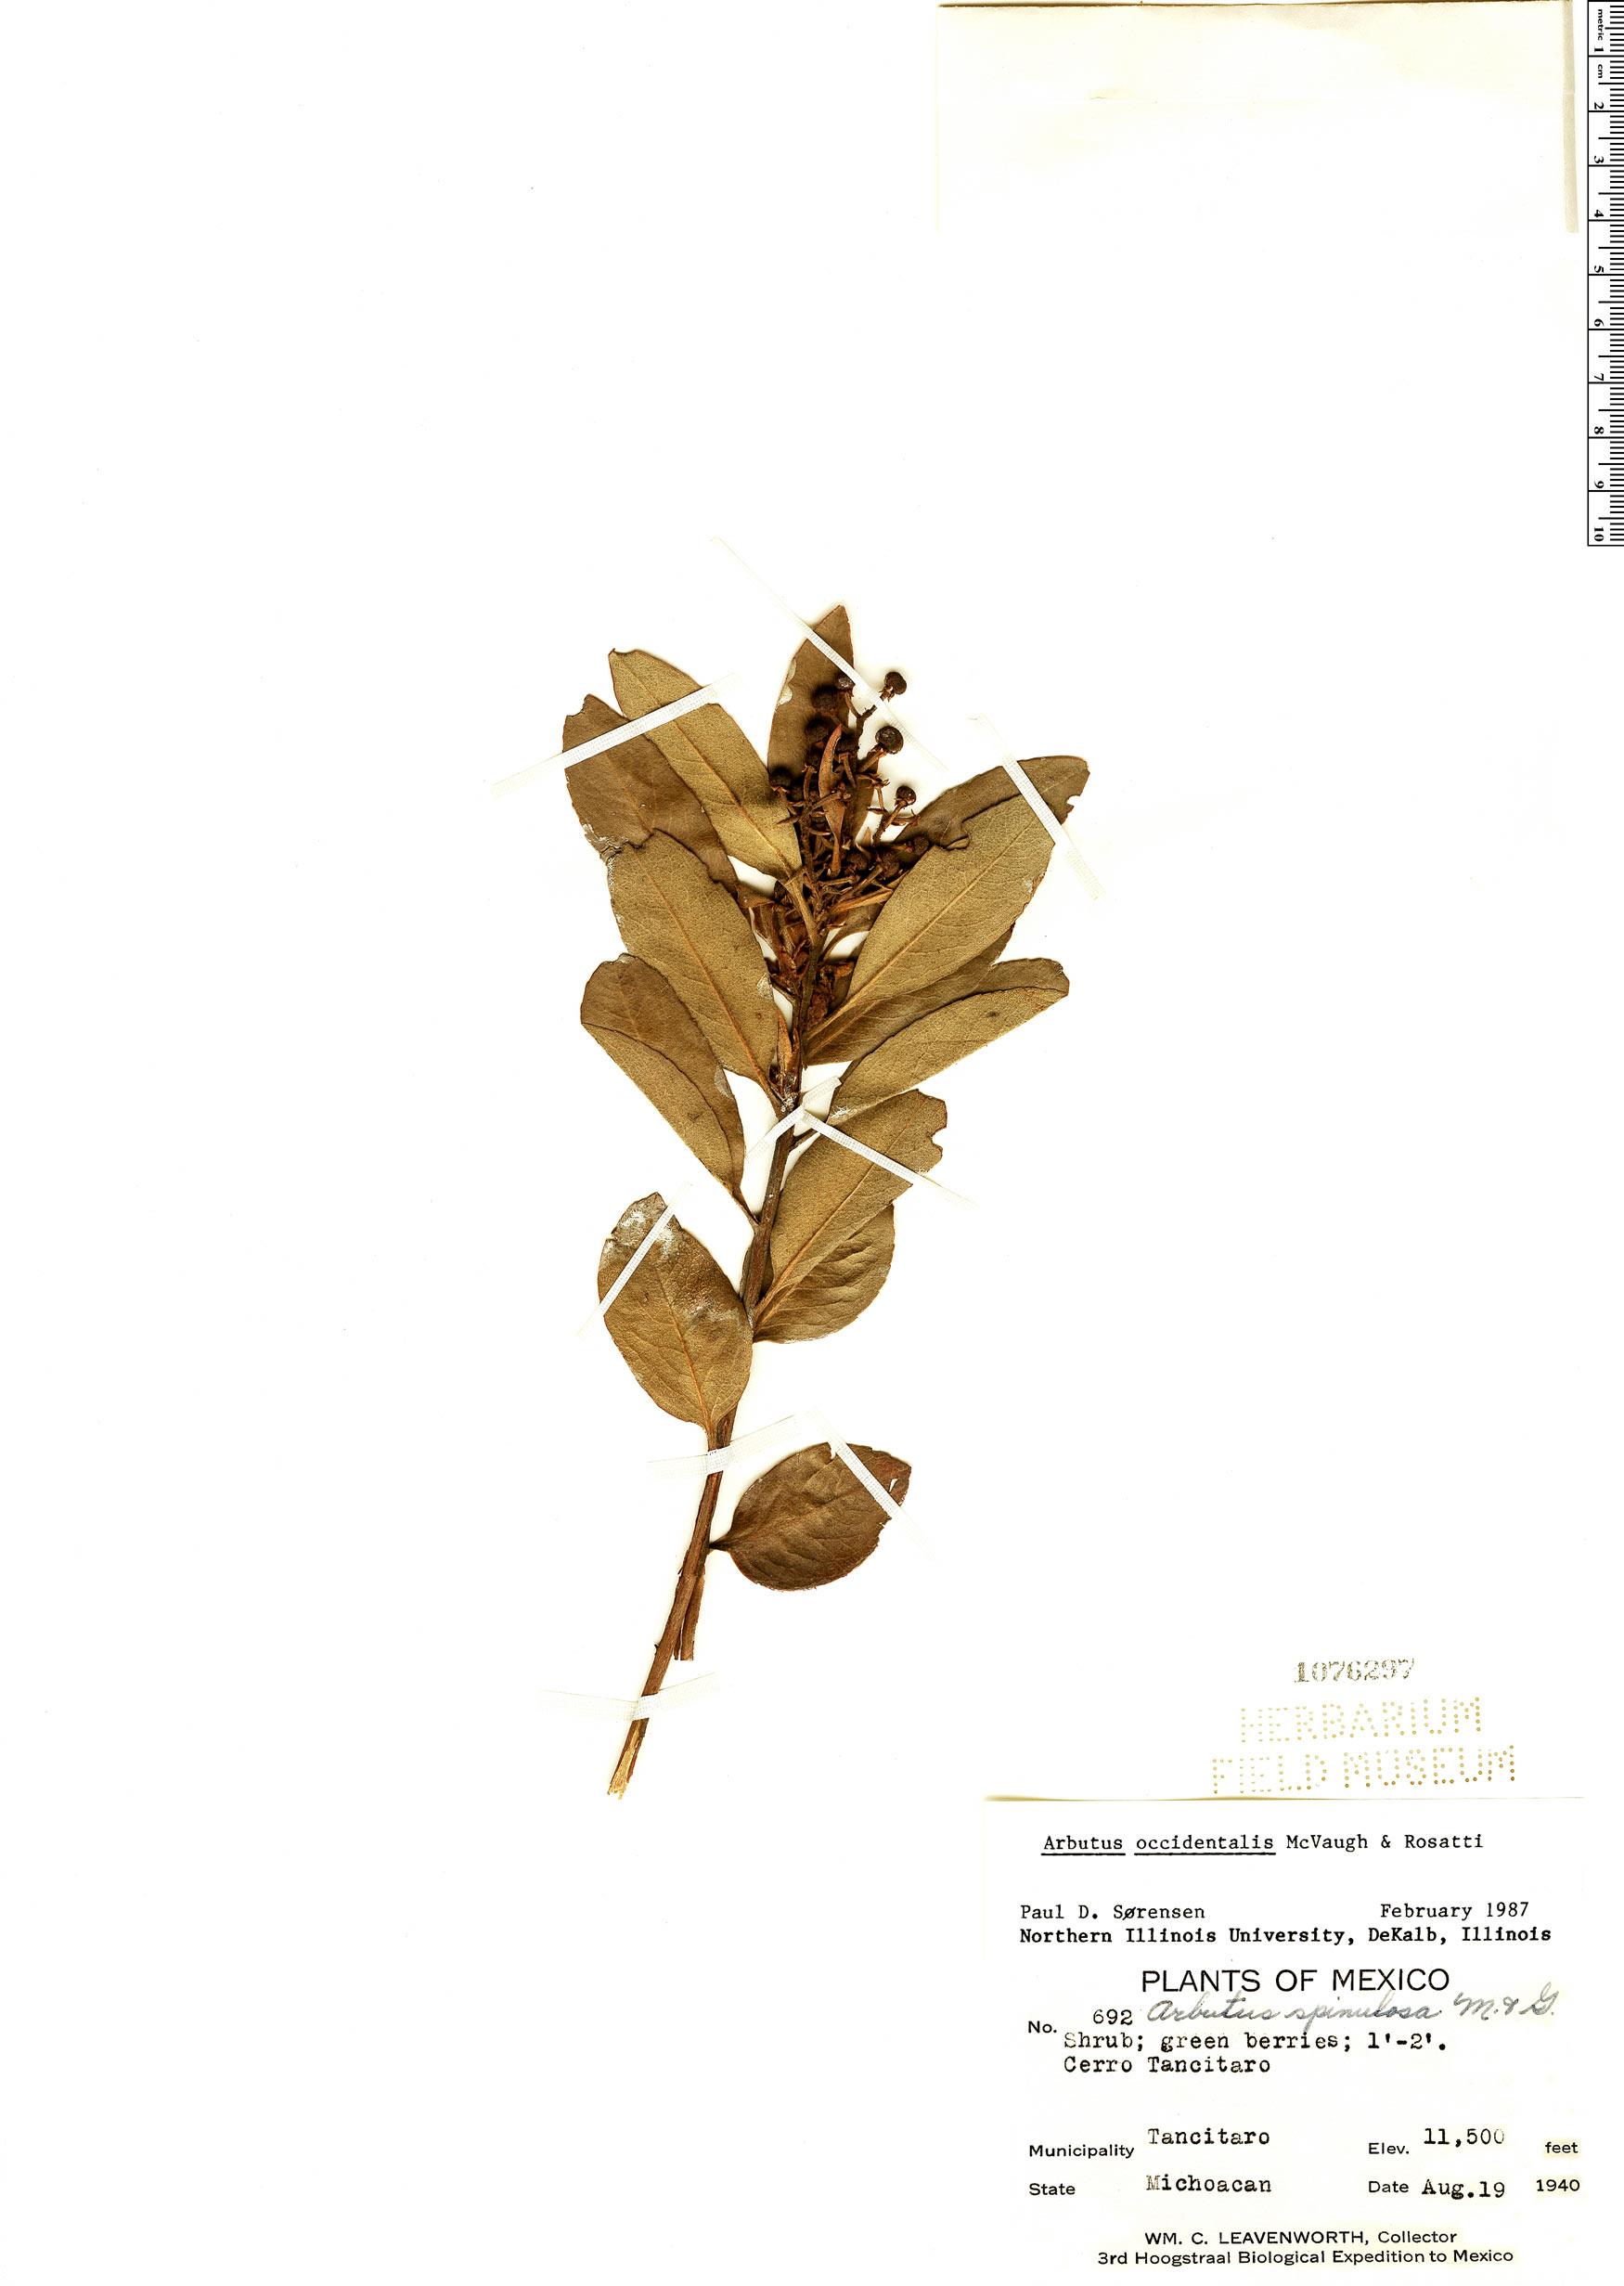 Specimen: Arbutus occidentalis